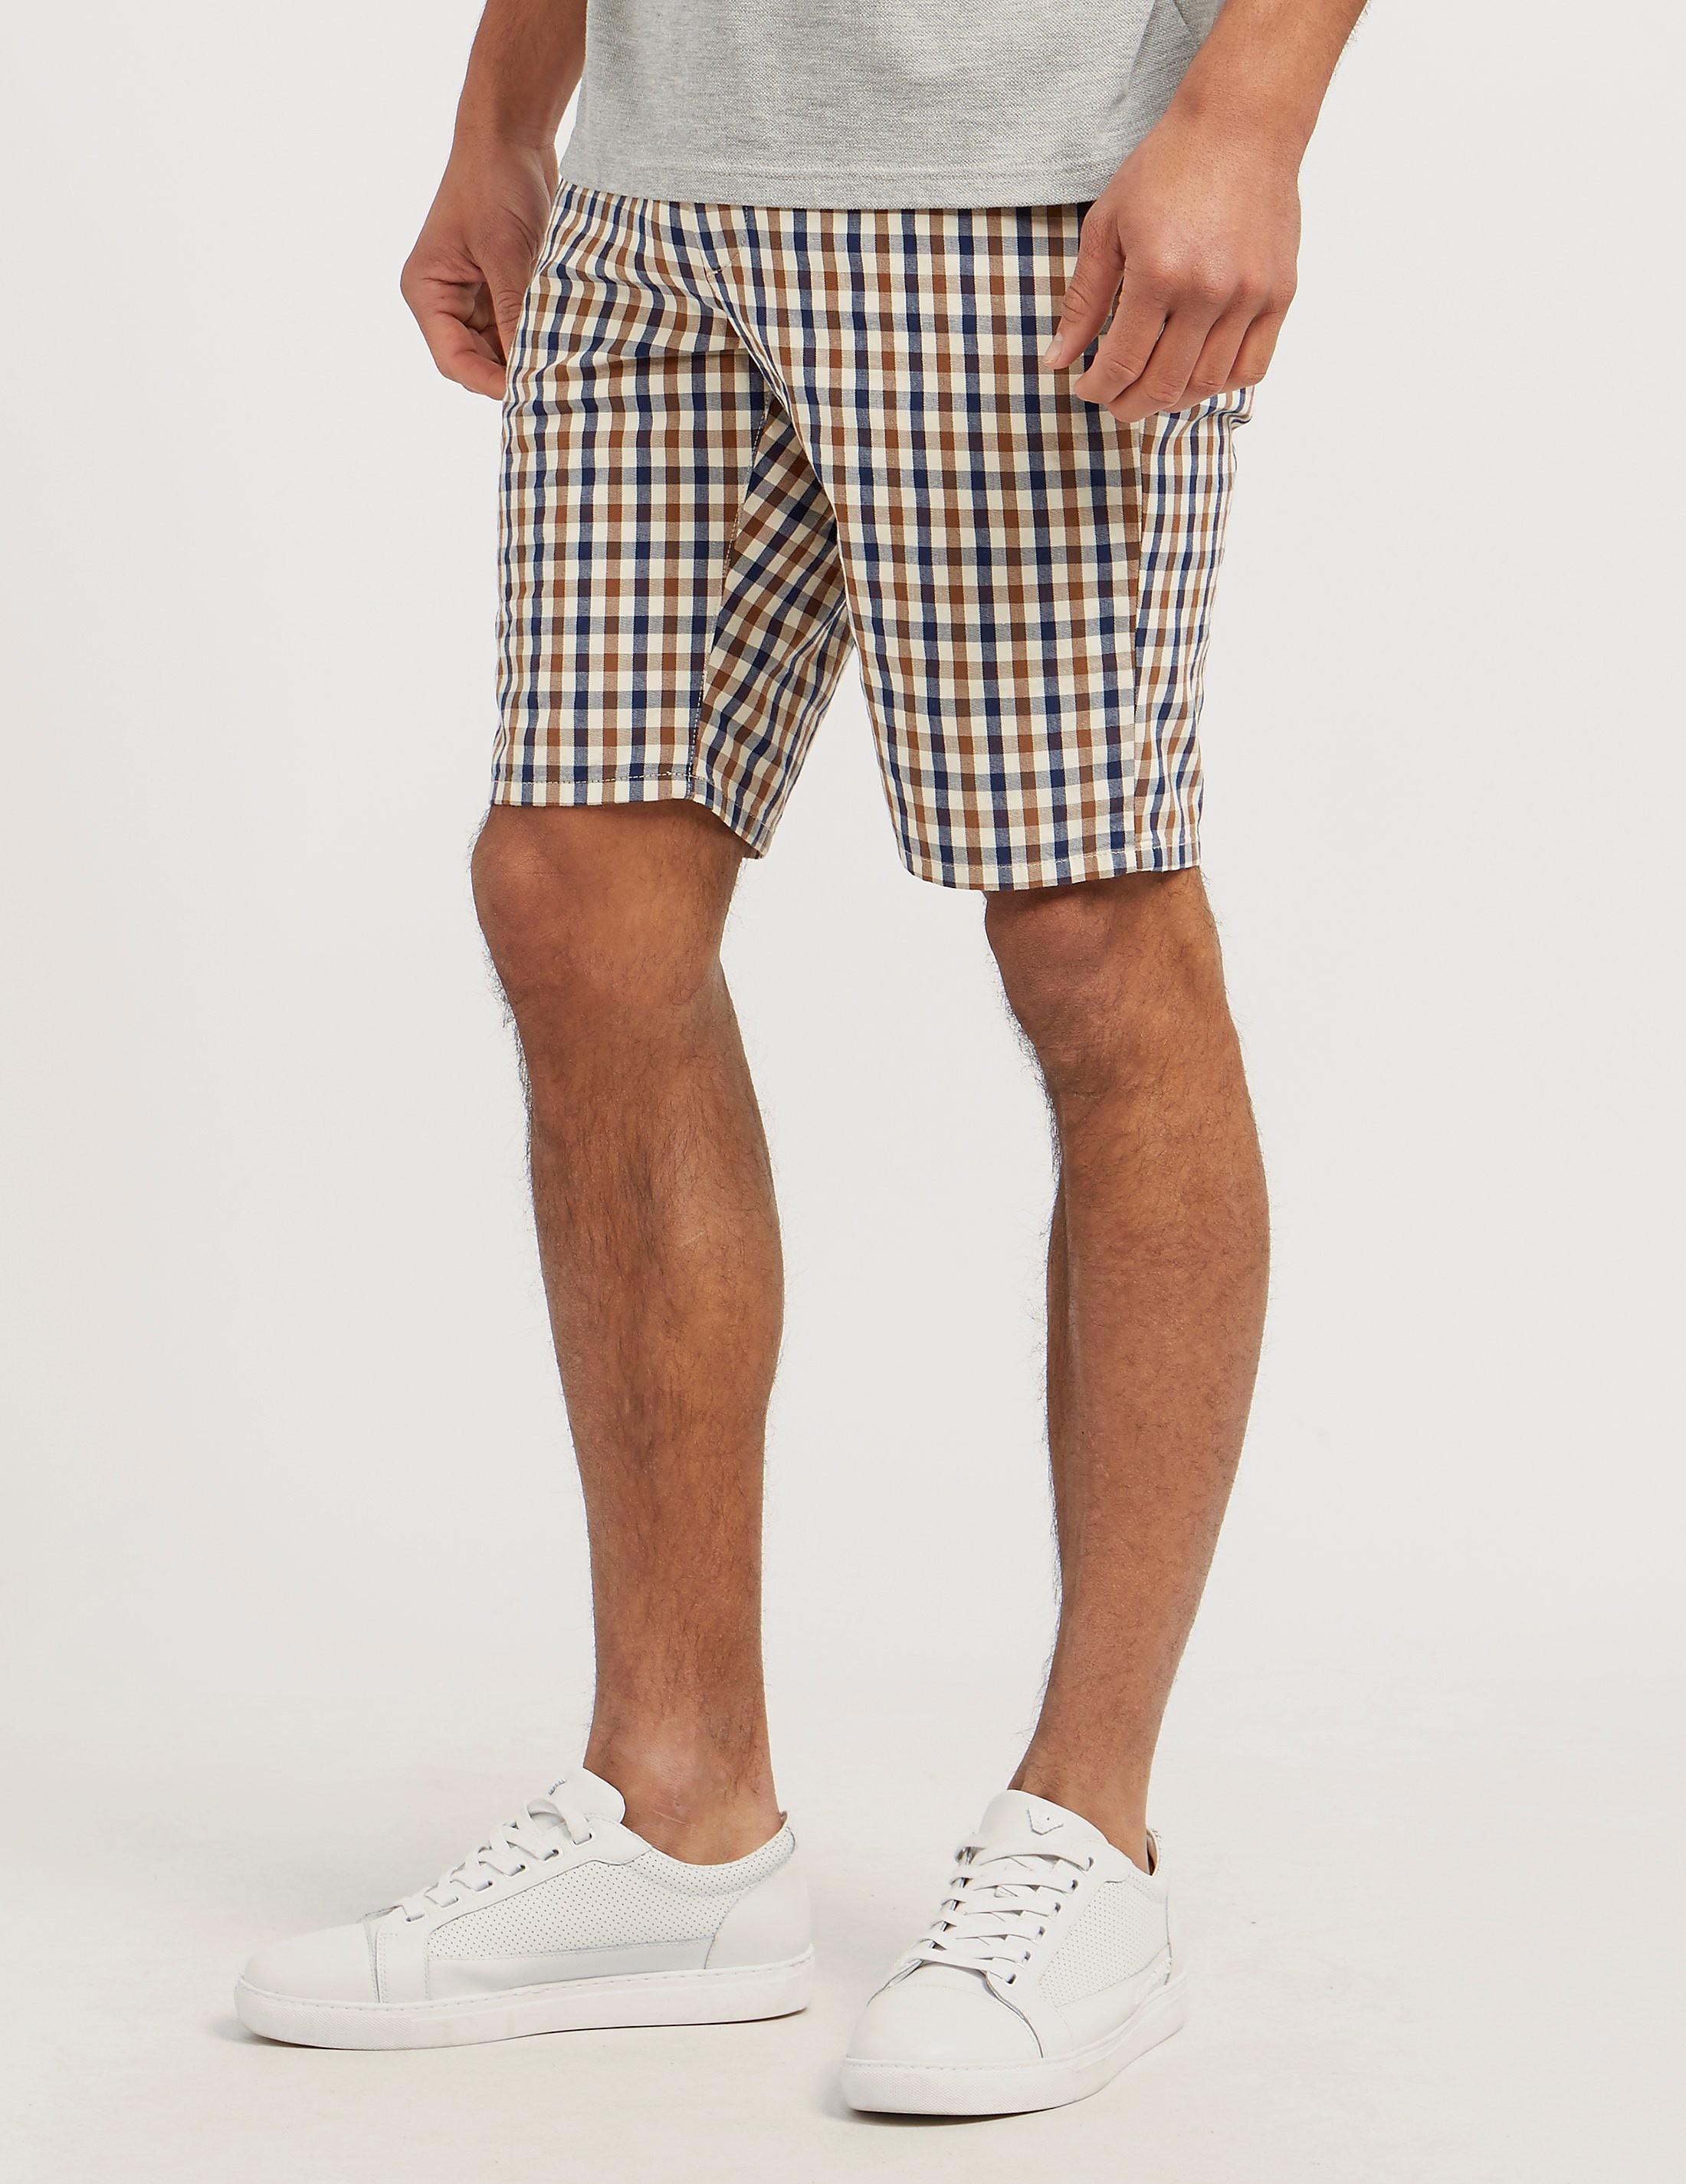 Aquascutum Club Check Shorts